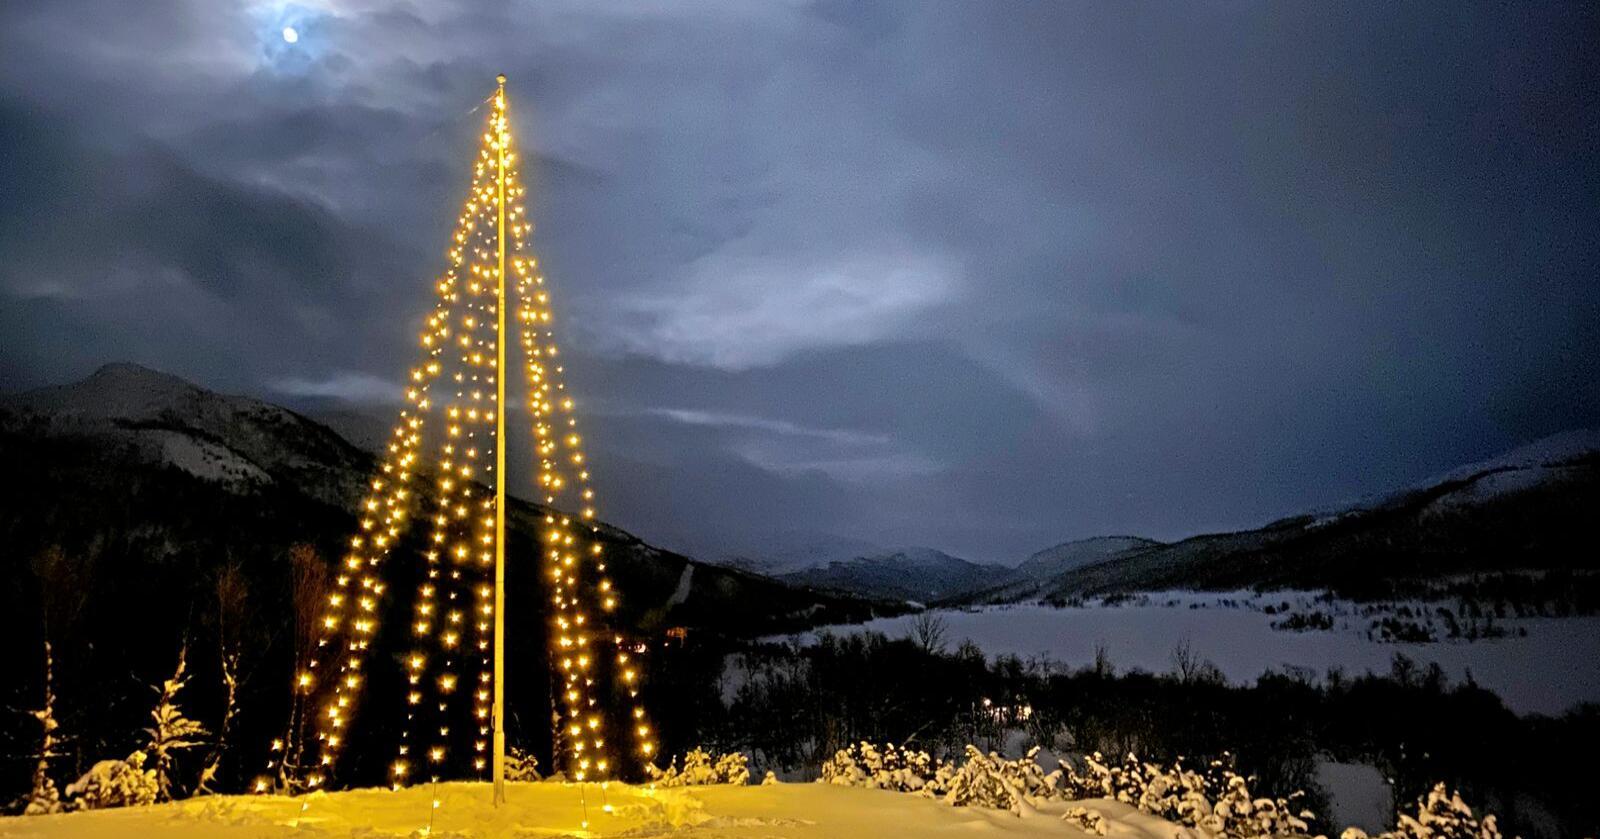 Det er den same snødekte granskogen, tunet og skikken  Foto: Svein Ove Hansli